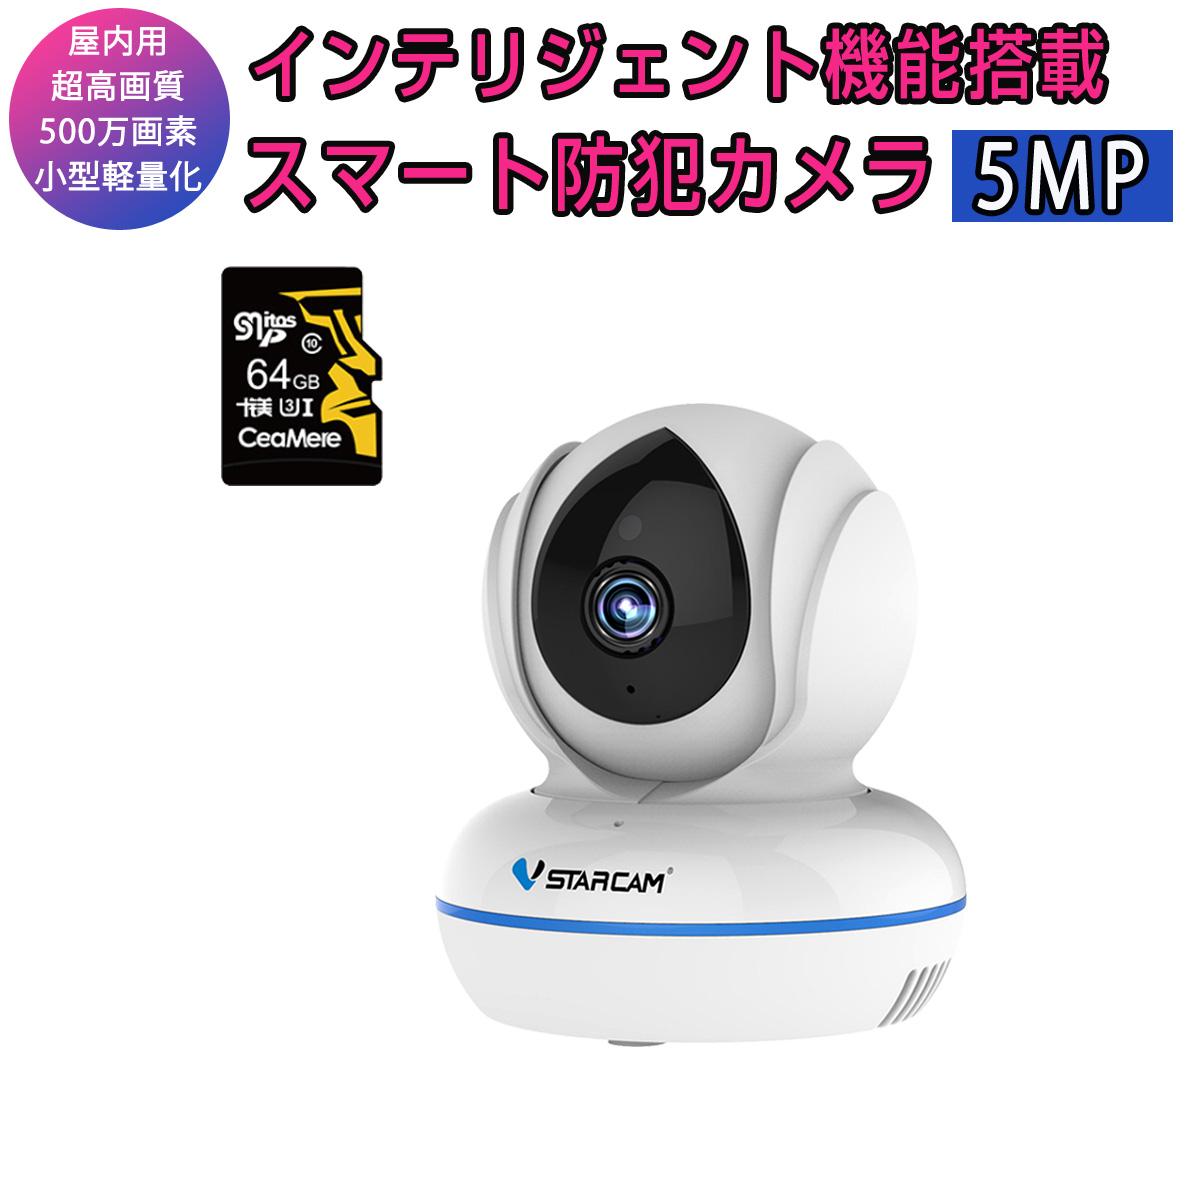 小型 防犯カメラ ワイヤレス C22Q VStarcam WQHD 2K 1440p 400万画素 SDカード64GB同梱モデル 超高画質 超高精細 wifi 無線 MicroSDカード録画 録音 ネット環境なくても電源繋ぐだけ 遠隔監視 赤ちゃん 子供 ペット 屋内用 IP カメラ 6ヶ月保証 K&M